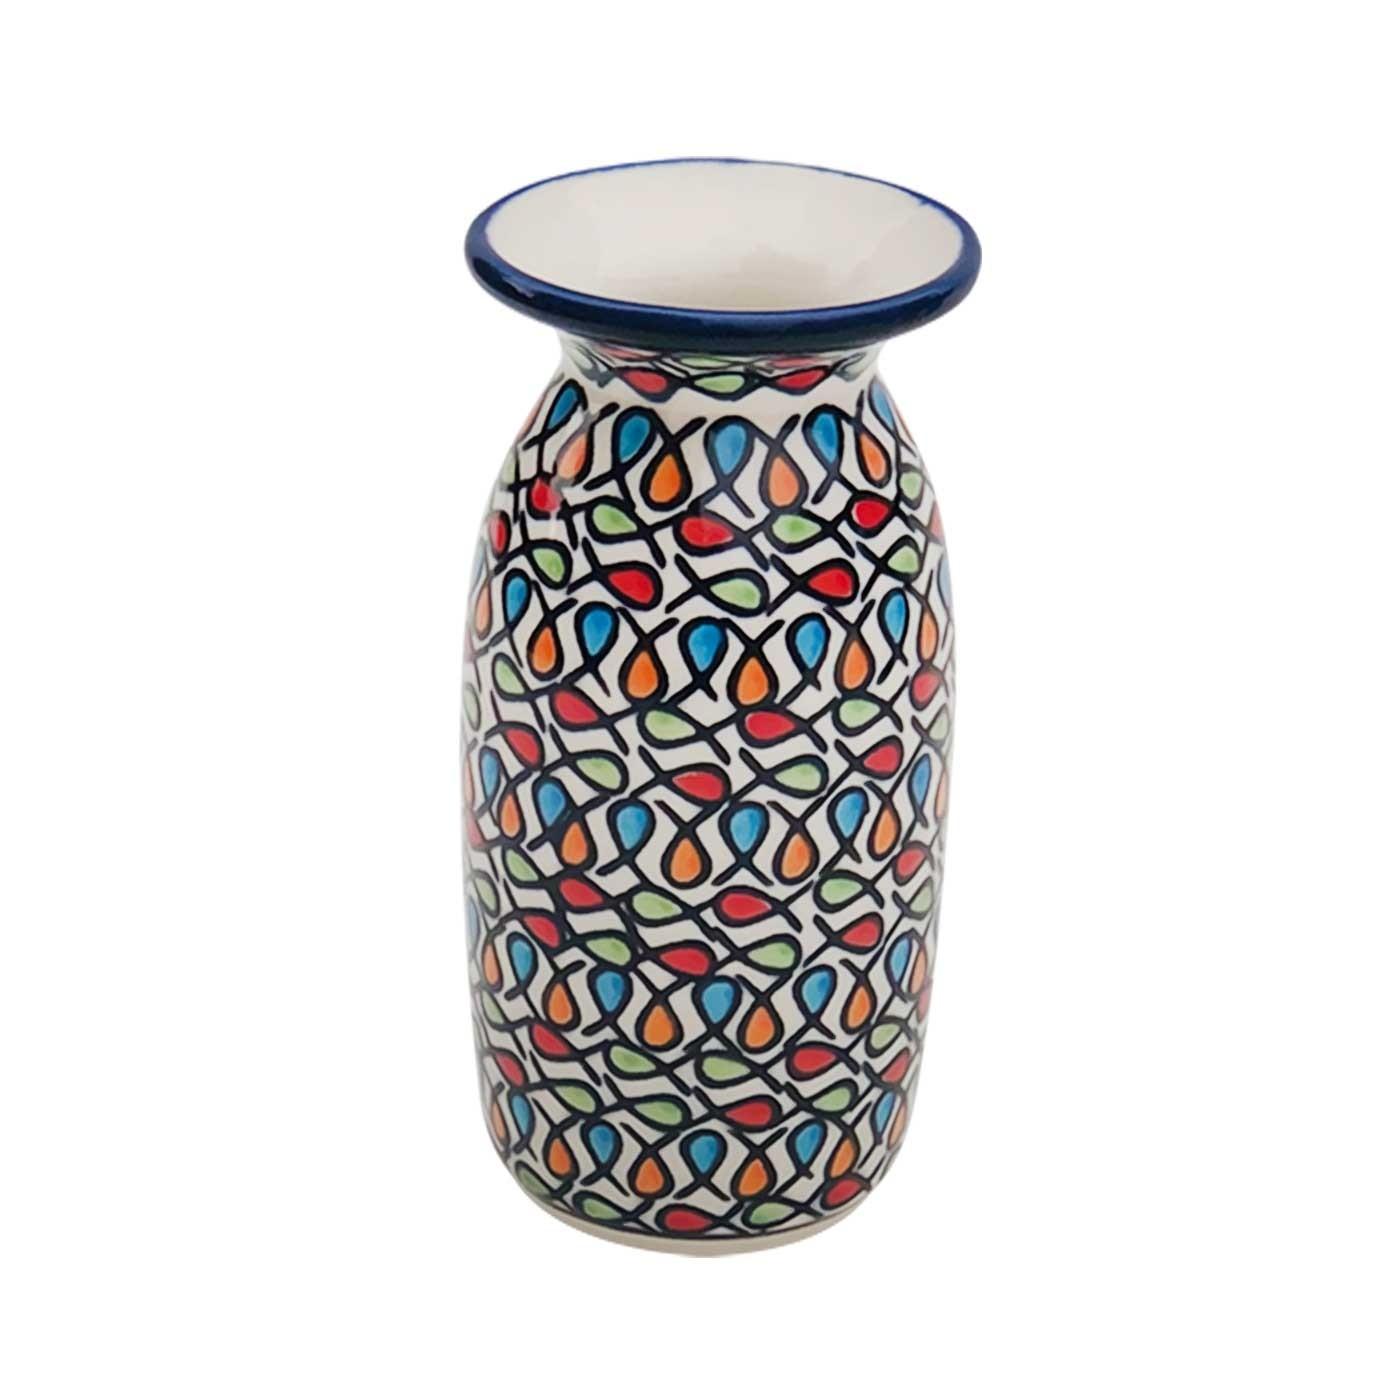 Pottery Avenue Stoneware Bud Vase - 1204-DU221 COLOR ME LOVE